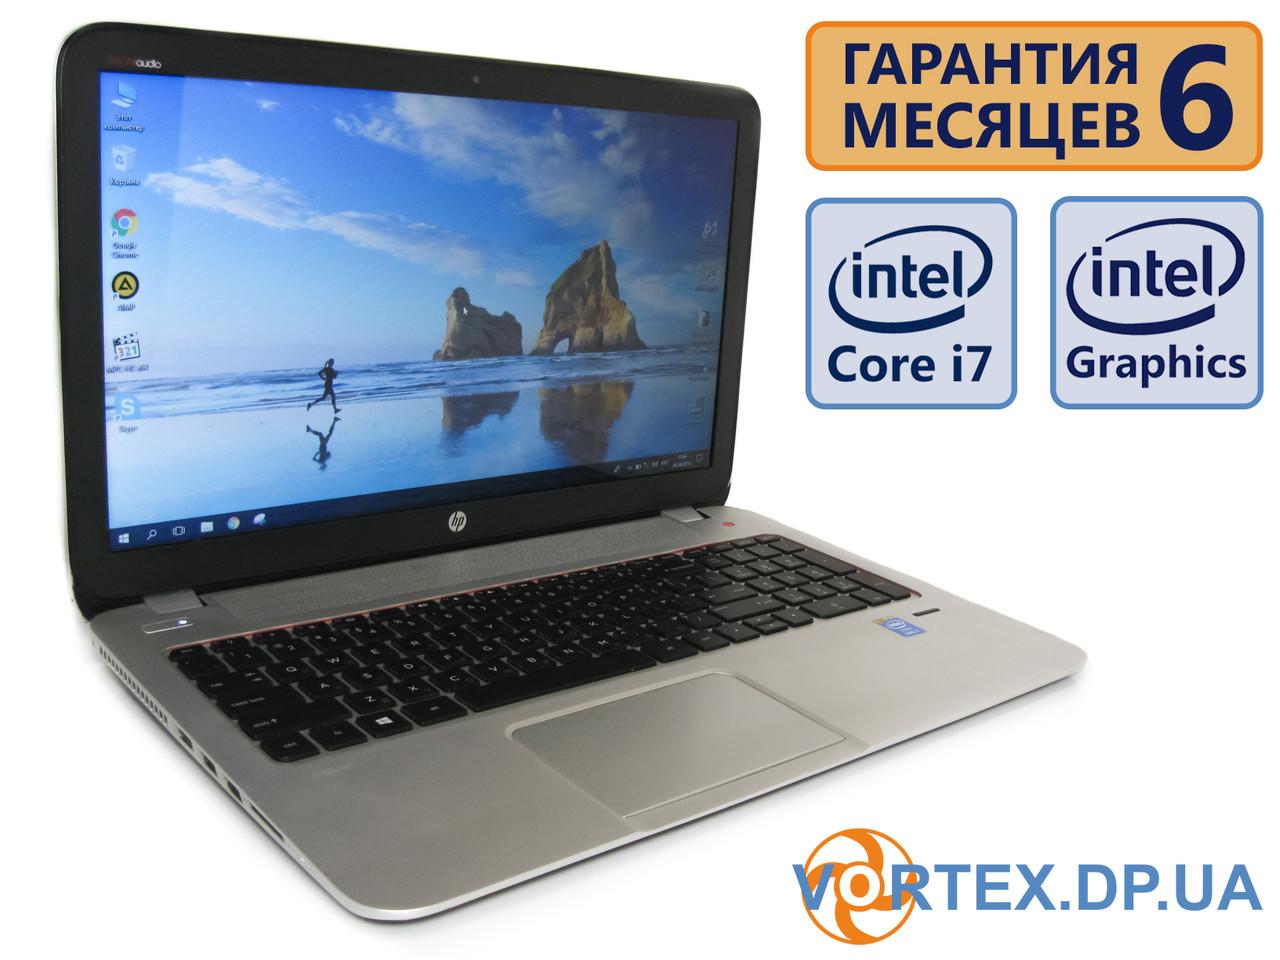 Ультрабук HP ProtectSmart 15T 15.6 (1366x768) / Intel Core i7-4700MQ (